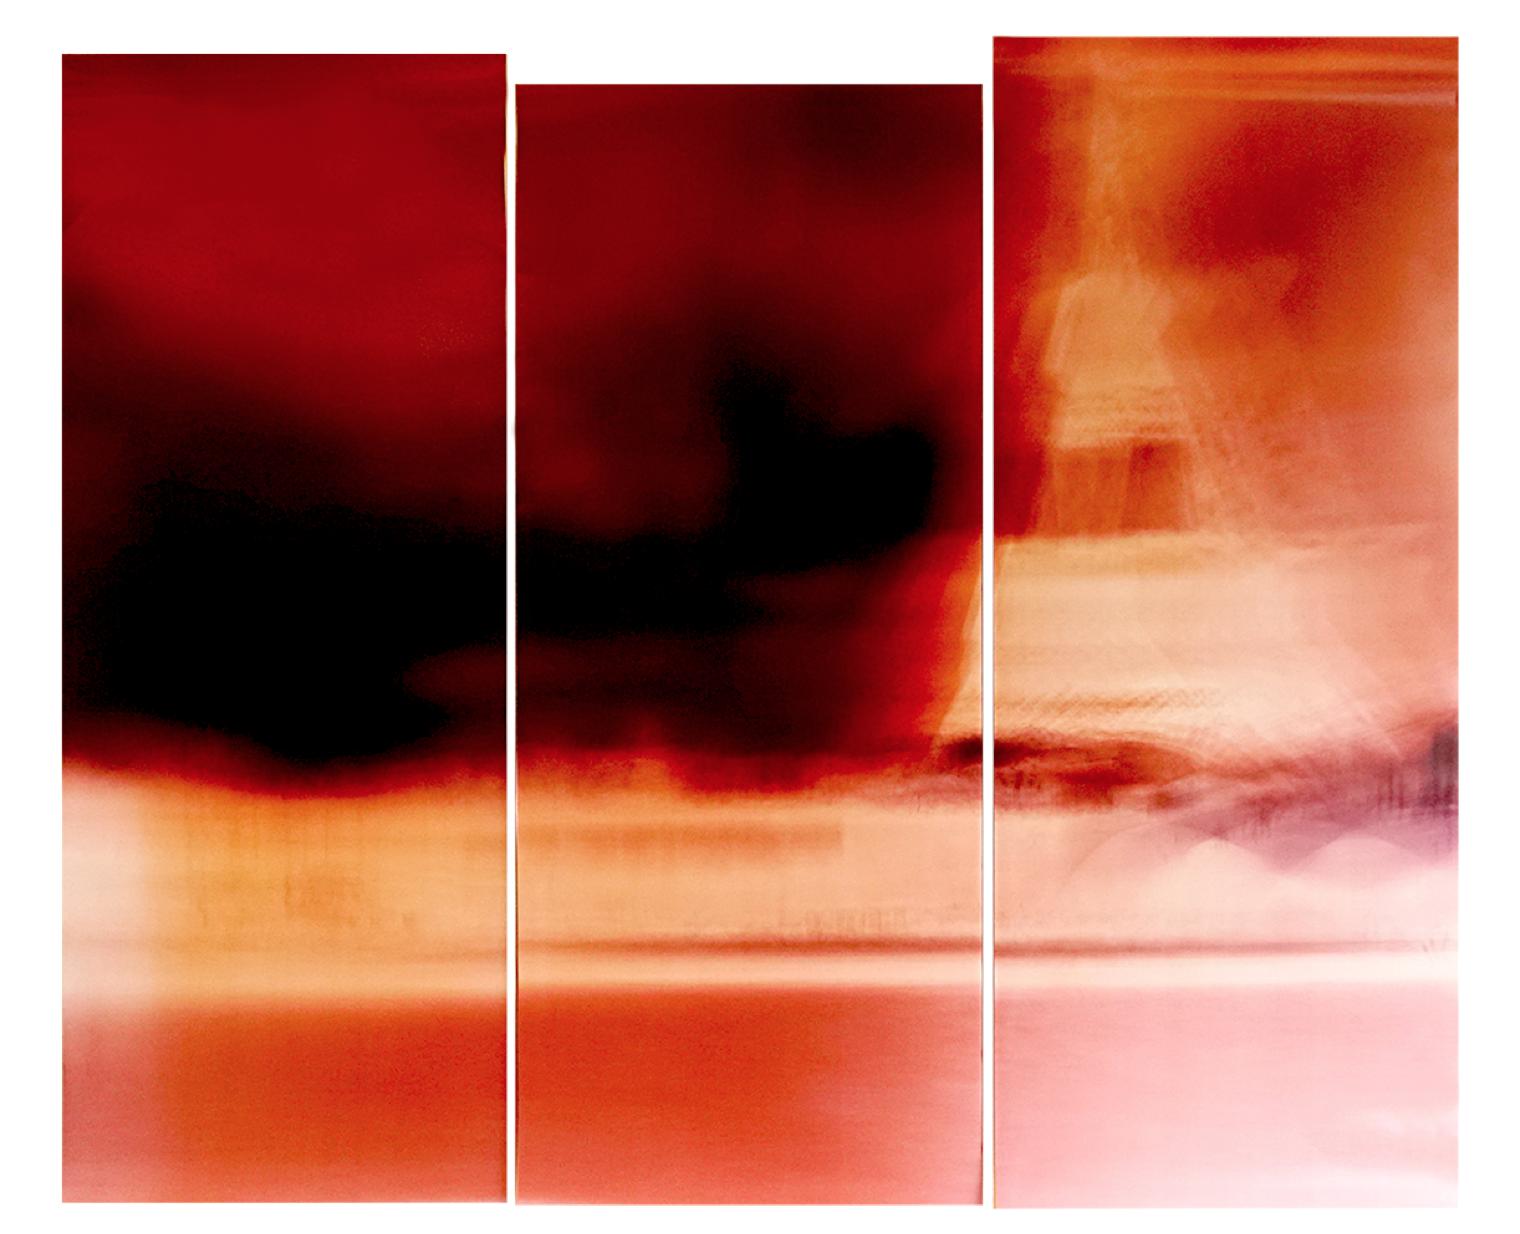 """Motiongraph #109 N 48°51'29.77"""", E 2°17'23.15"""", Current 5 km/h, (Eiffel Tower, River Seine, Paris) 3:02PM, November 19, 2017, 90 x 80 inches, triptych, unique chromogenic paper negatives."""